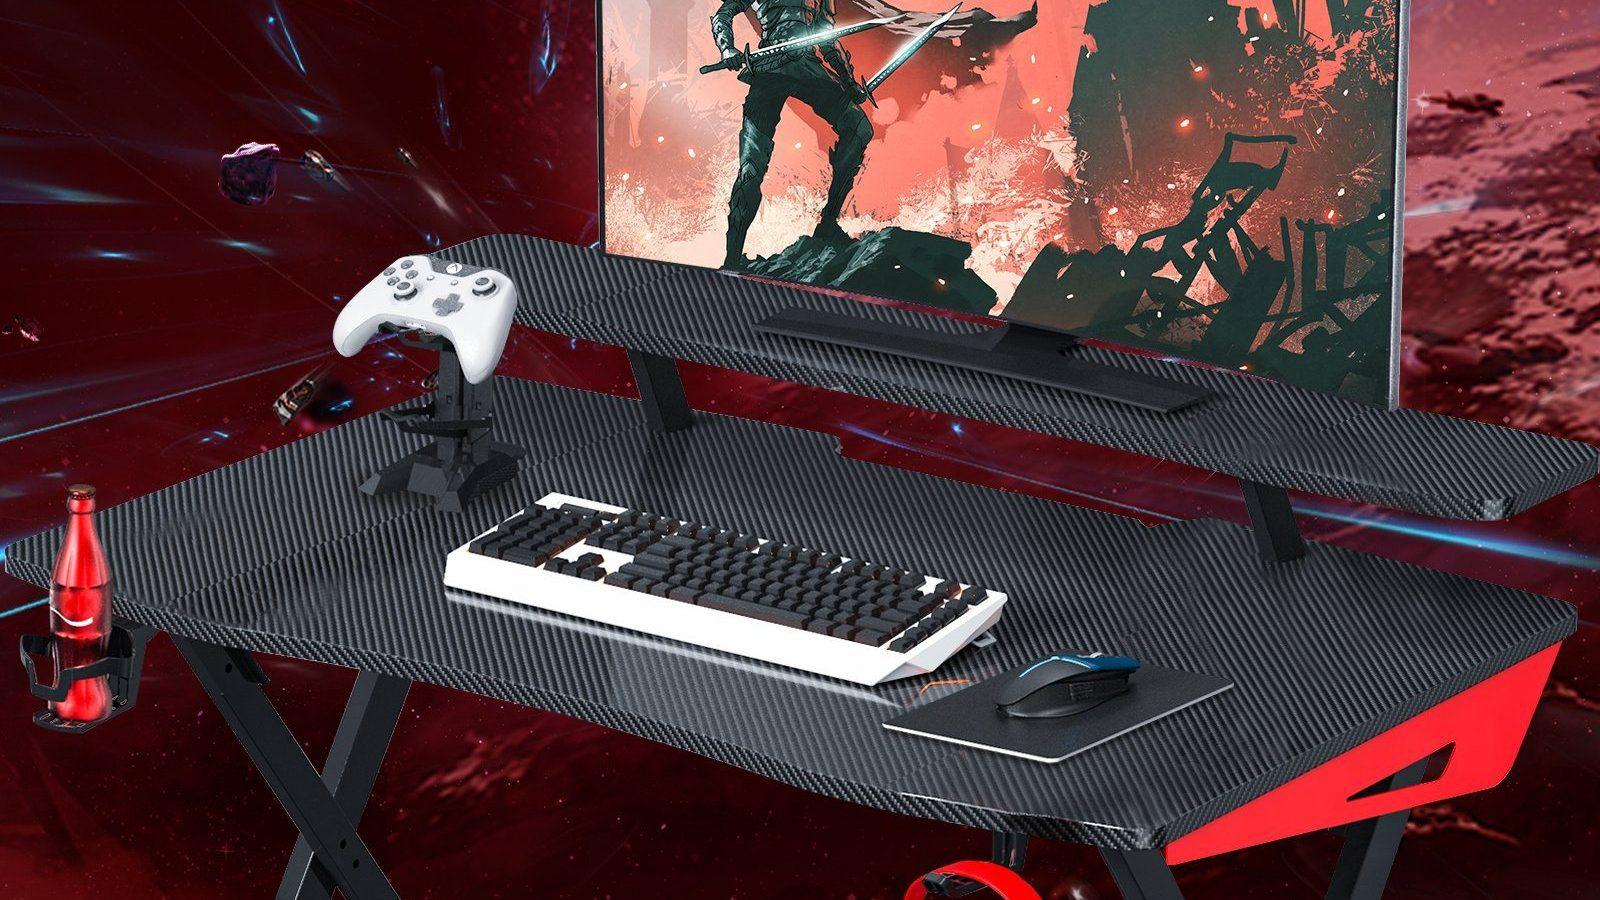 Kaufempfehlung: 5 Gaming-Tische, PC-Tische